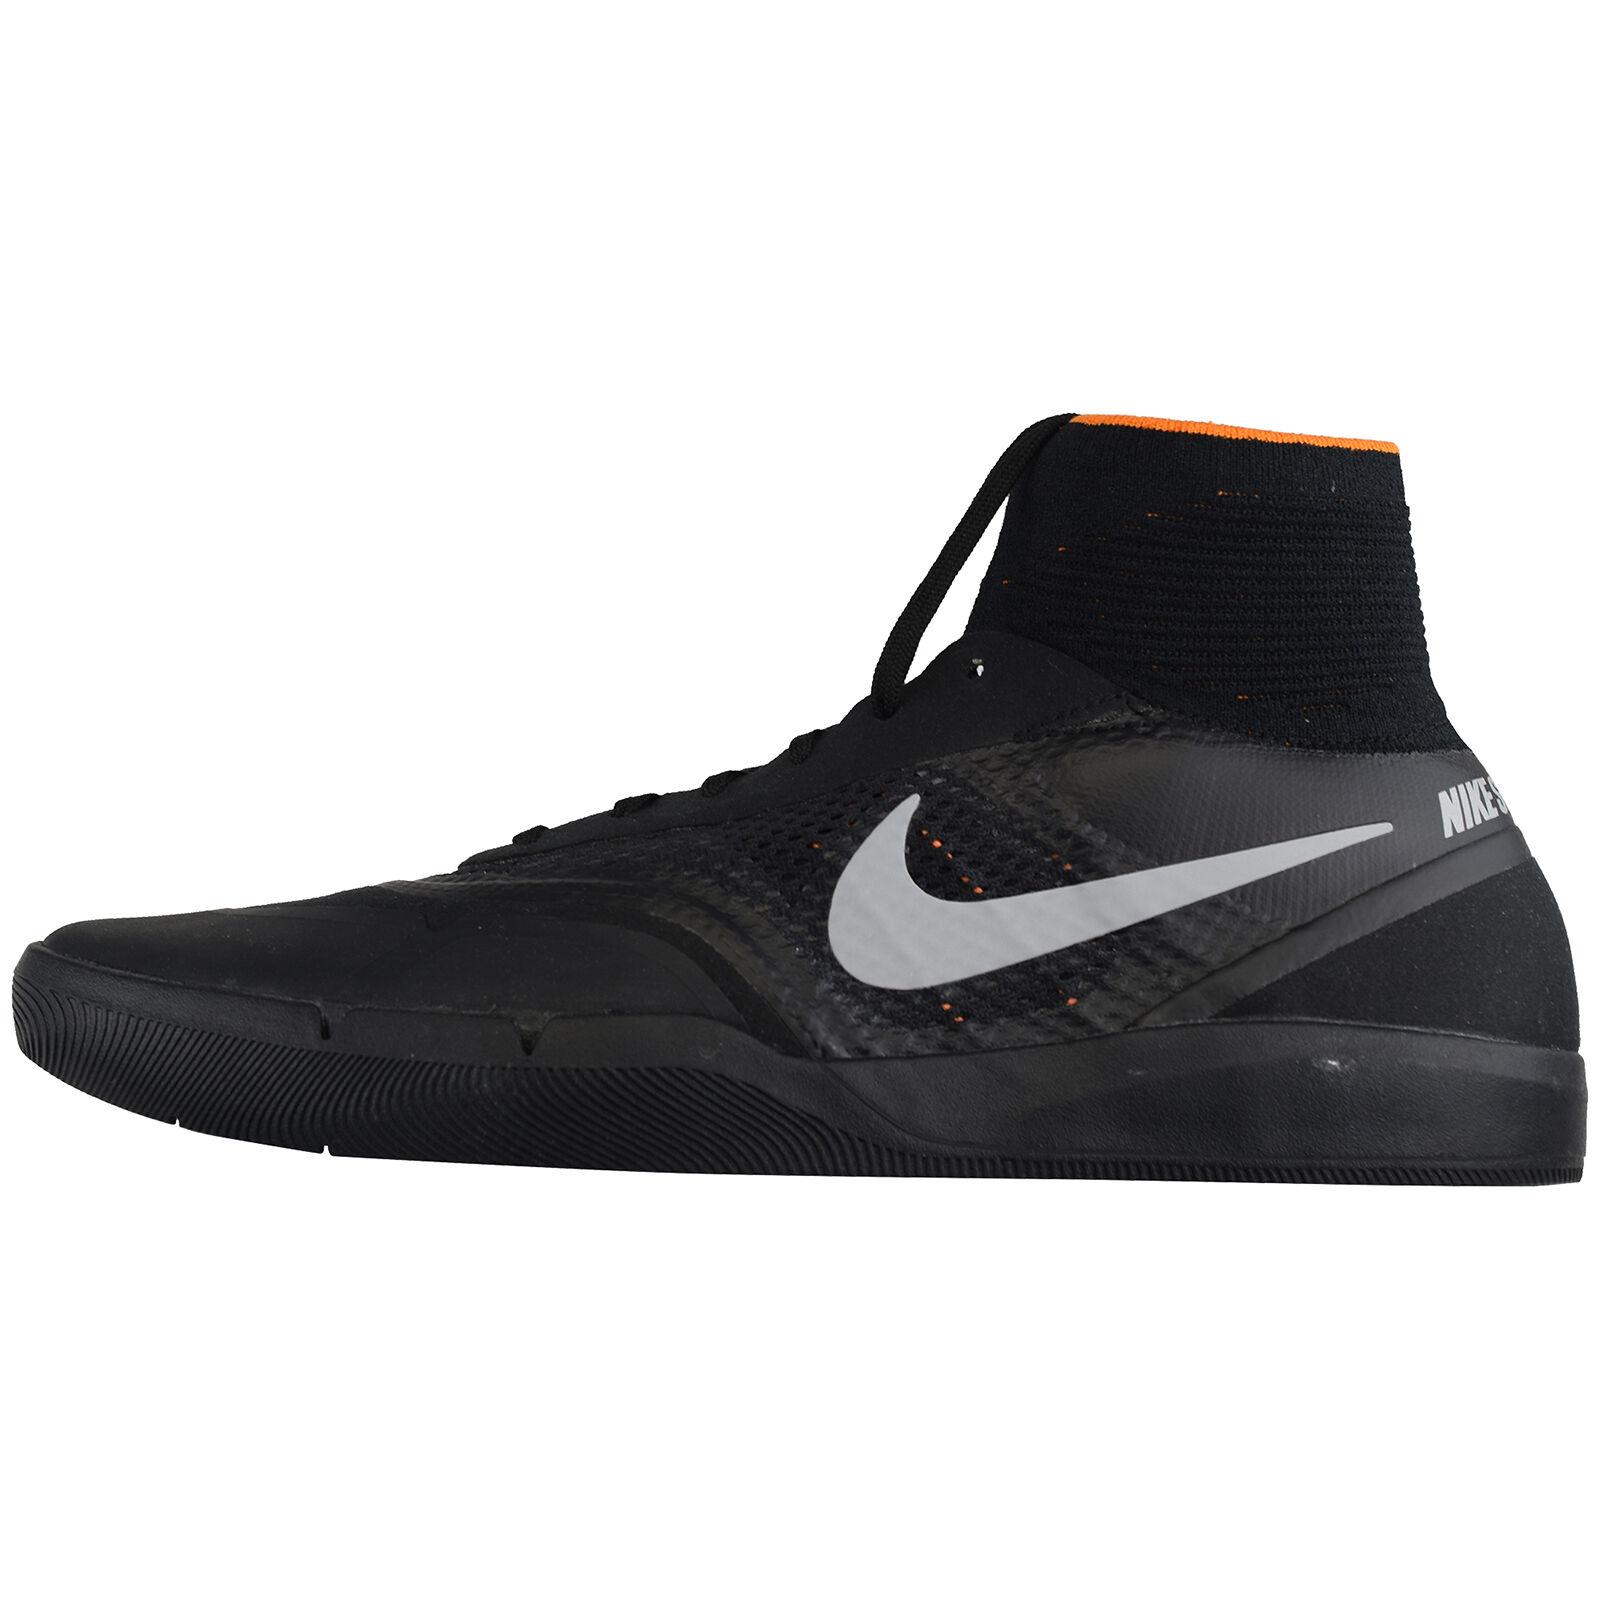 Nike hyperfeel koston 3 xt 860627-008 scarpe da ginnastica da jogging | Prezzo ottimale  | Scolaro/Ragazze Scarpa